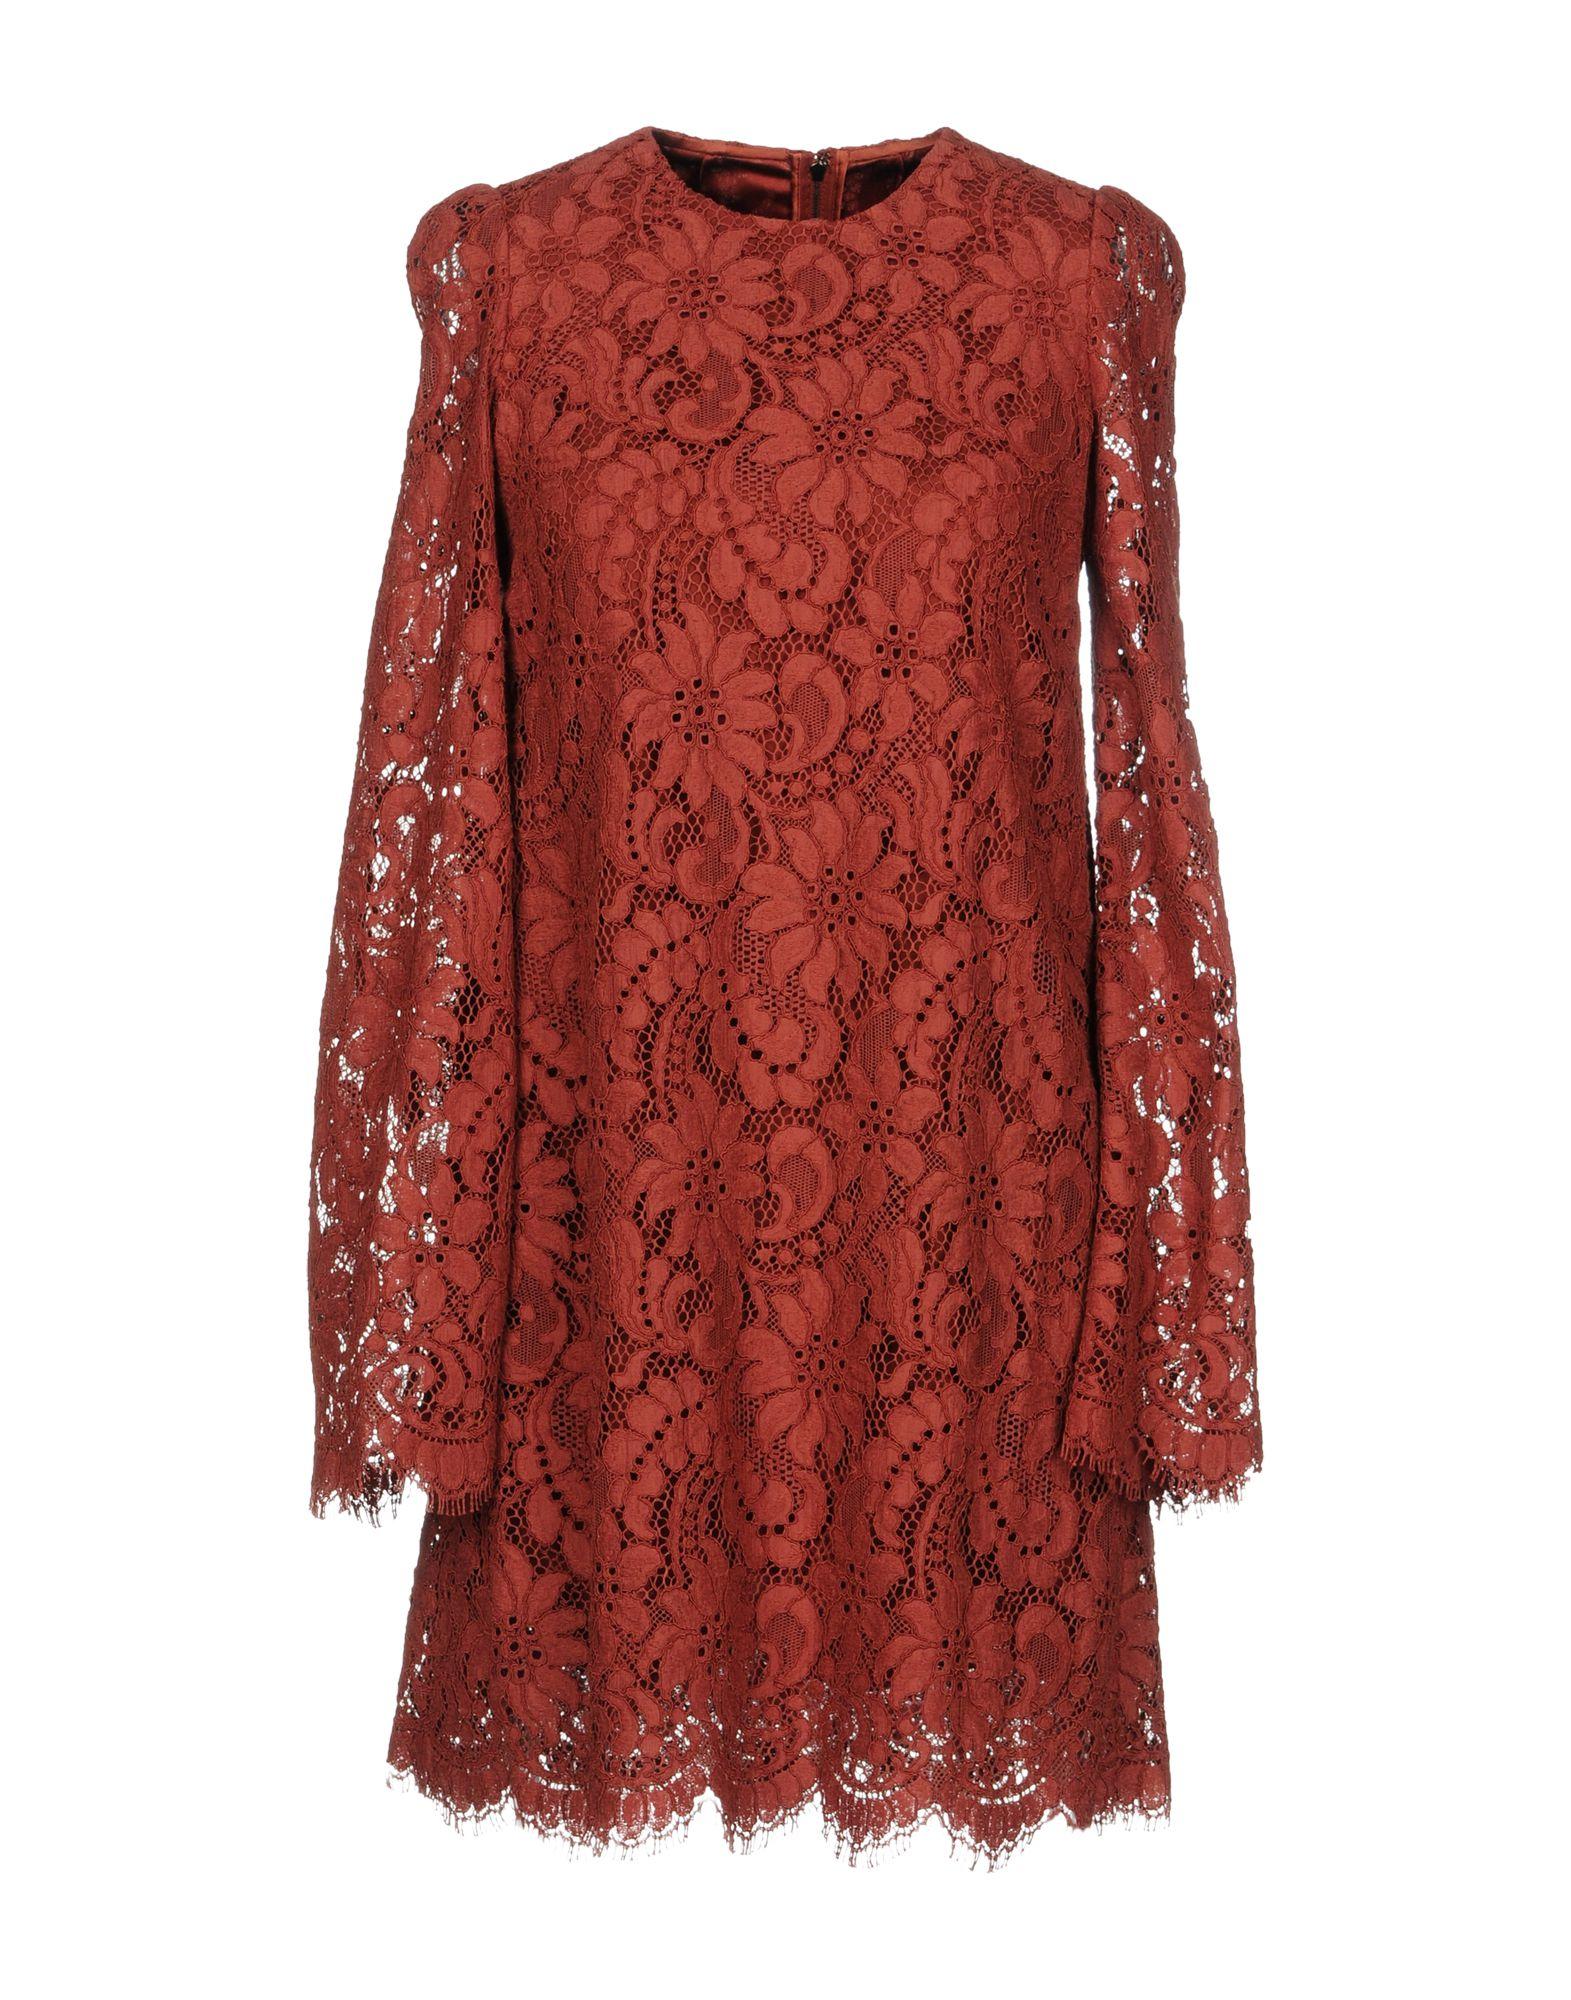 Vestito Corto Dolce & Gabbana Donna - Acquista online su TVdyU1t